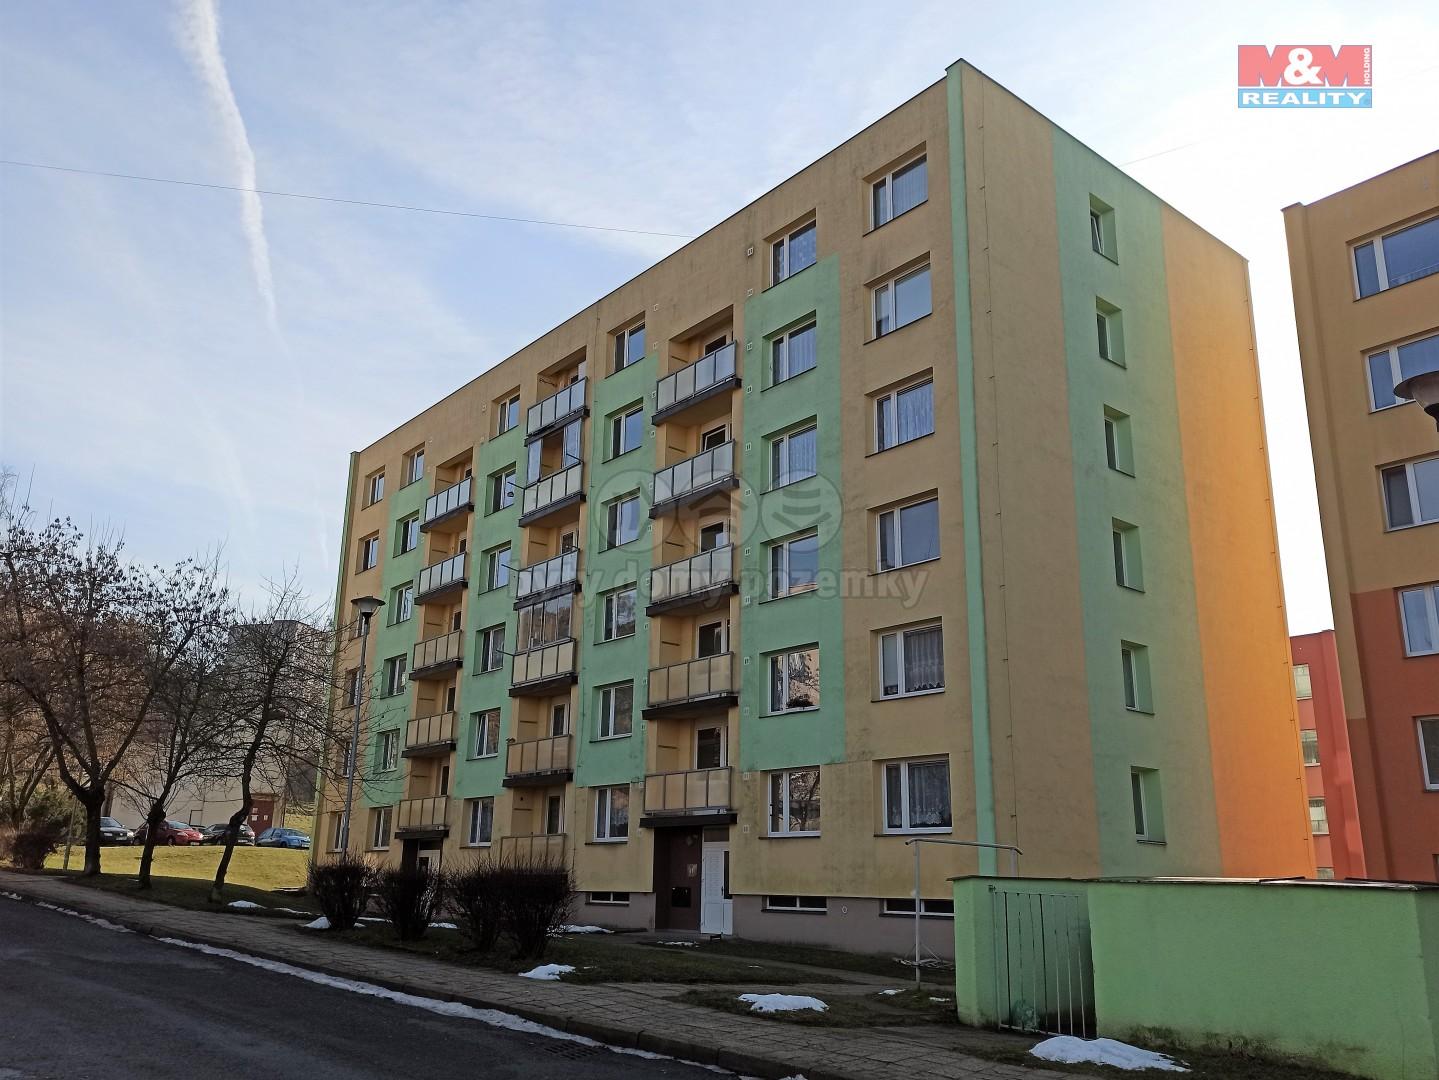 Pronájem bytu 2+1, 55 m², Třemošnice, ul. Družstevní